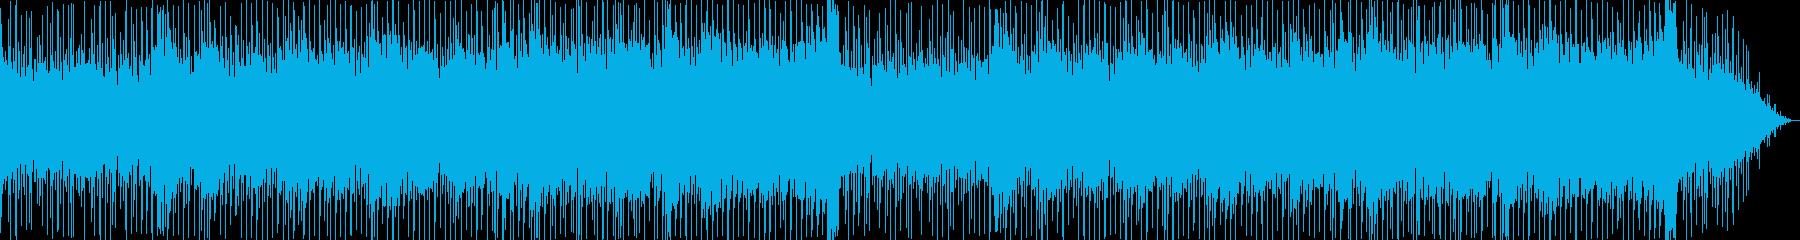 イージーリスニング系の爽やかな曲です。…の再生済みの波形